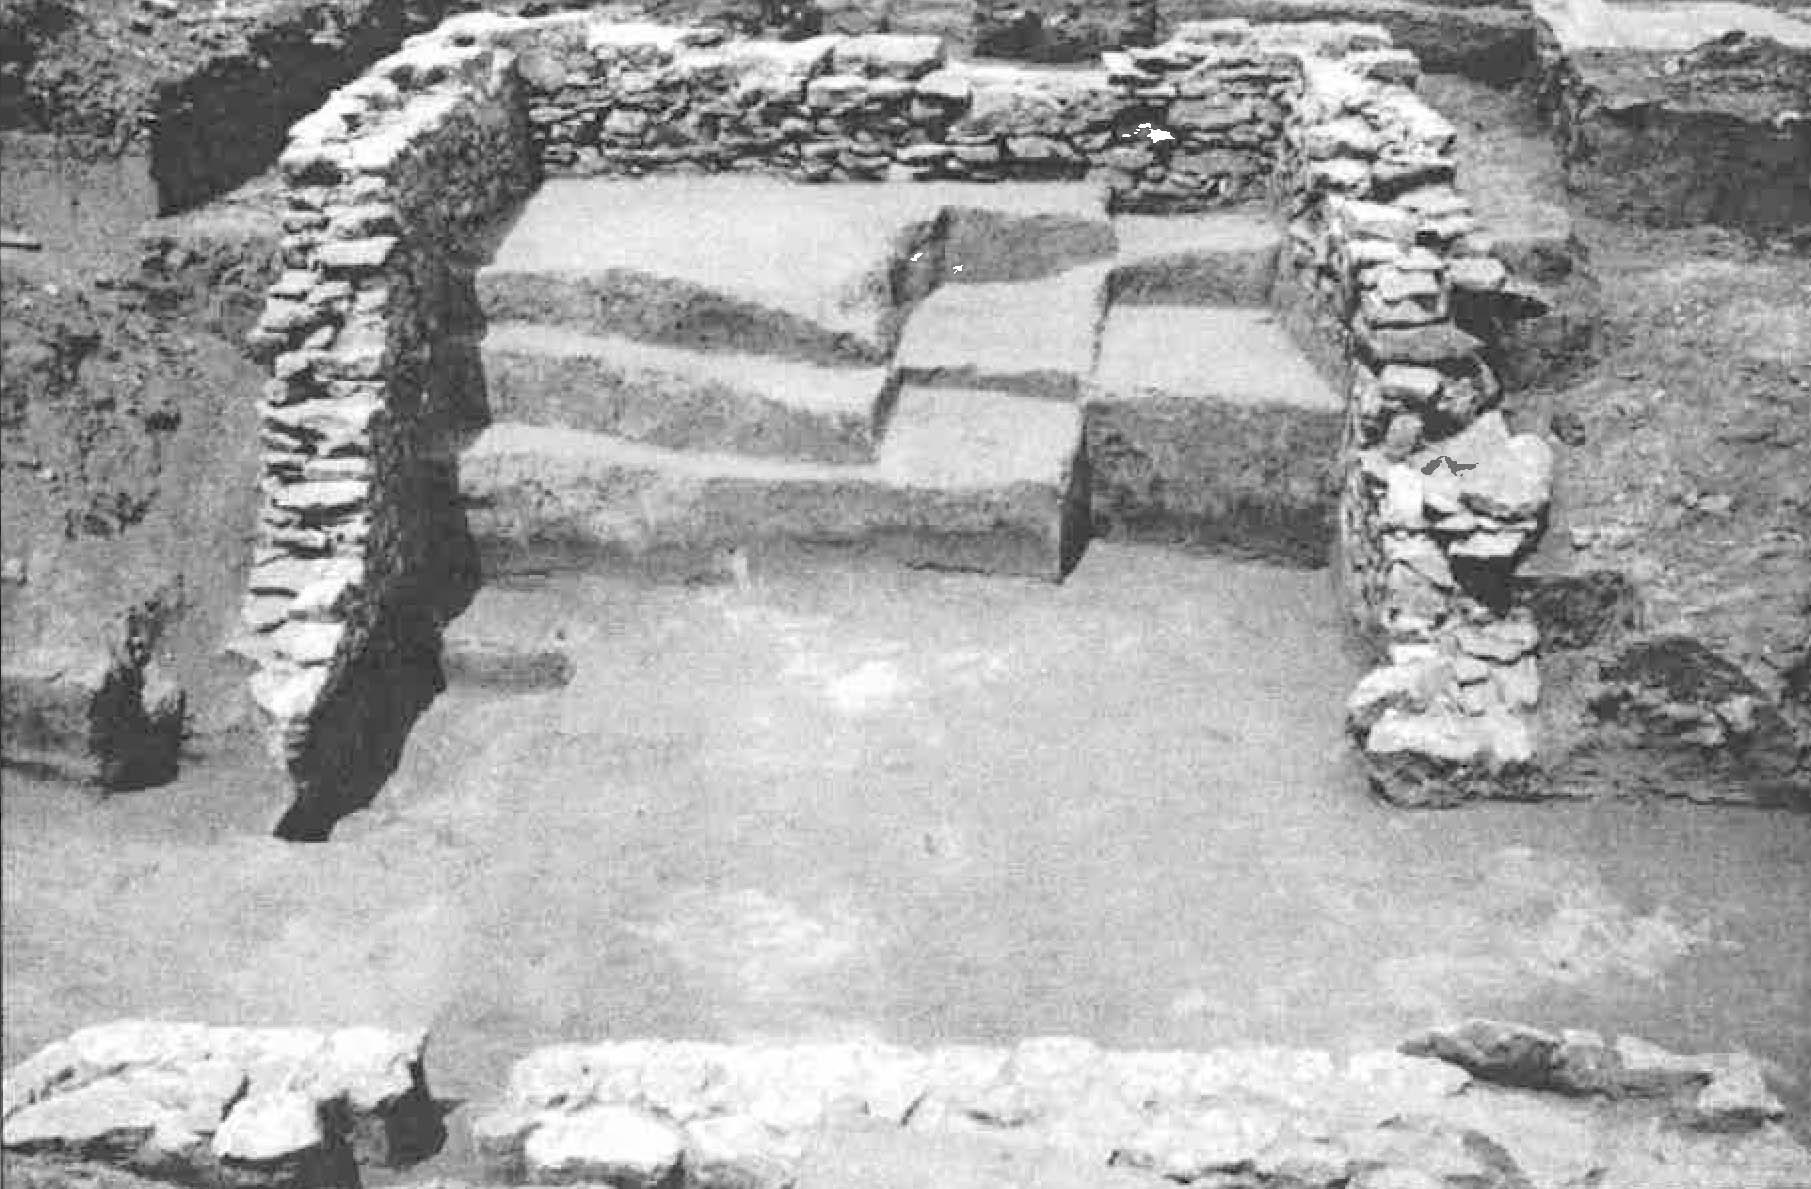 Platteford, Nebraska Archaeology Excavation Foundation